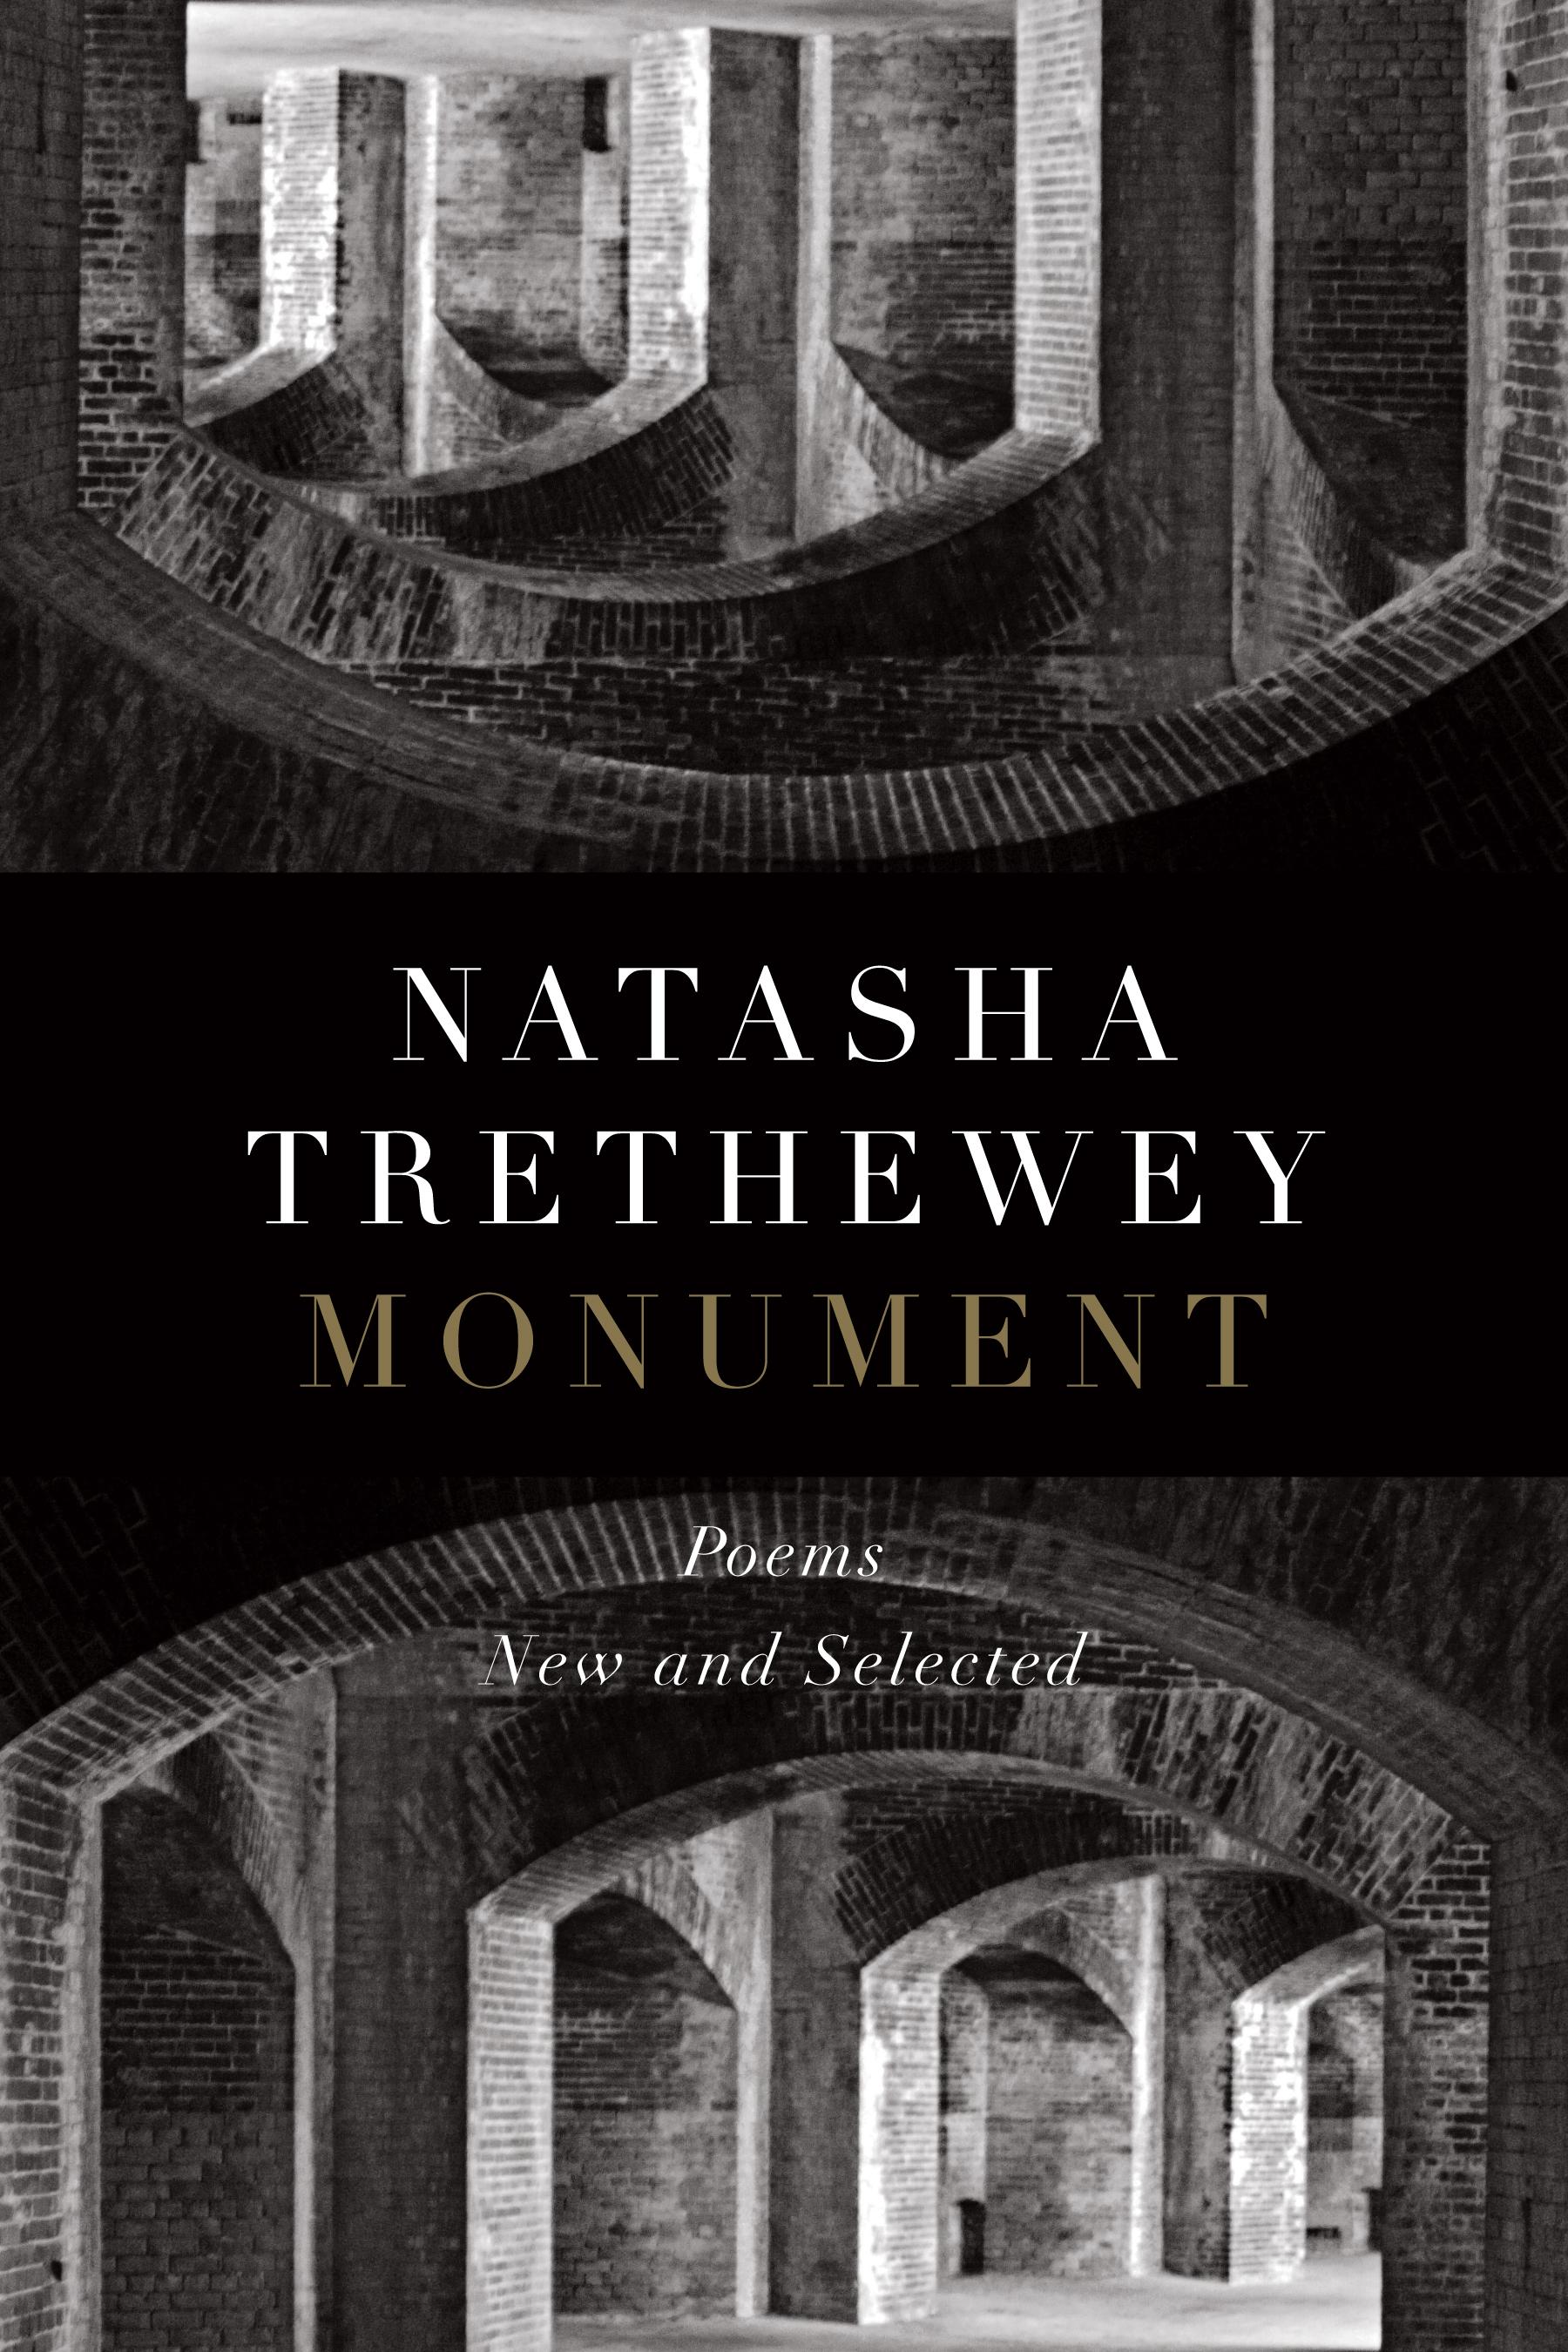 Natasha Trethewey, poems